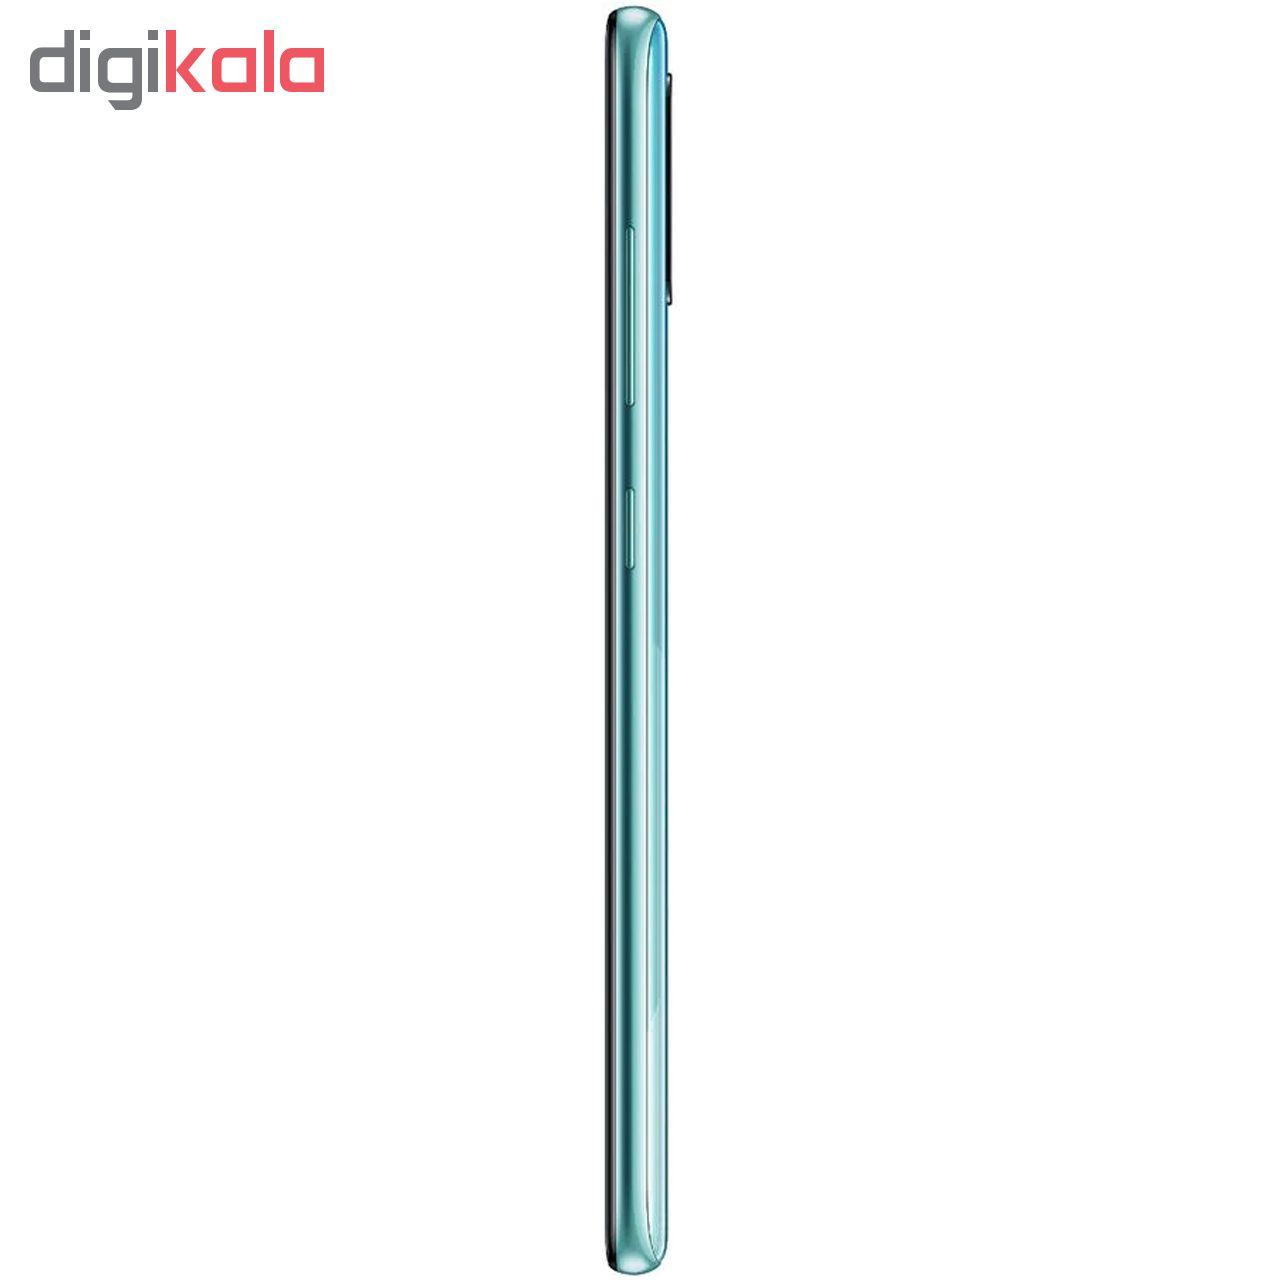 گوشی موبایل سامسونگ مدل Galaxy A51 SM-A515F/DSN دو سیم کارت ظرفیت 128گیگابایت main 1 7